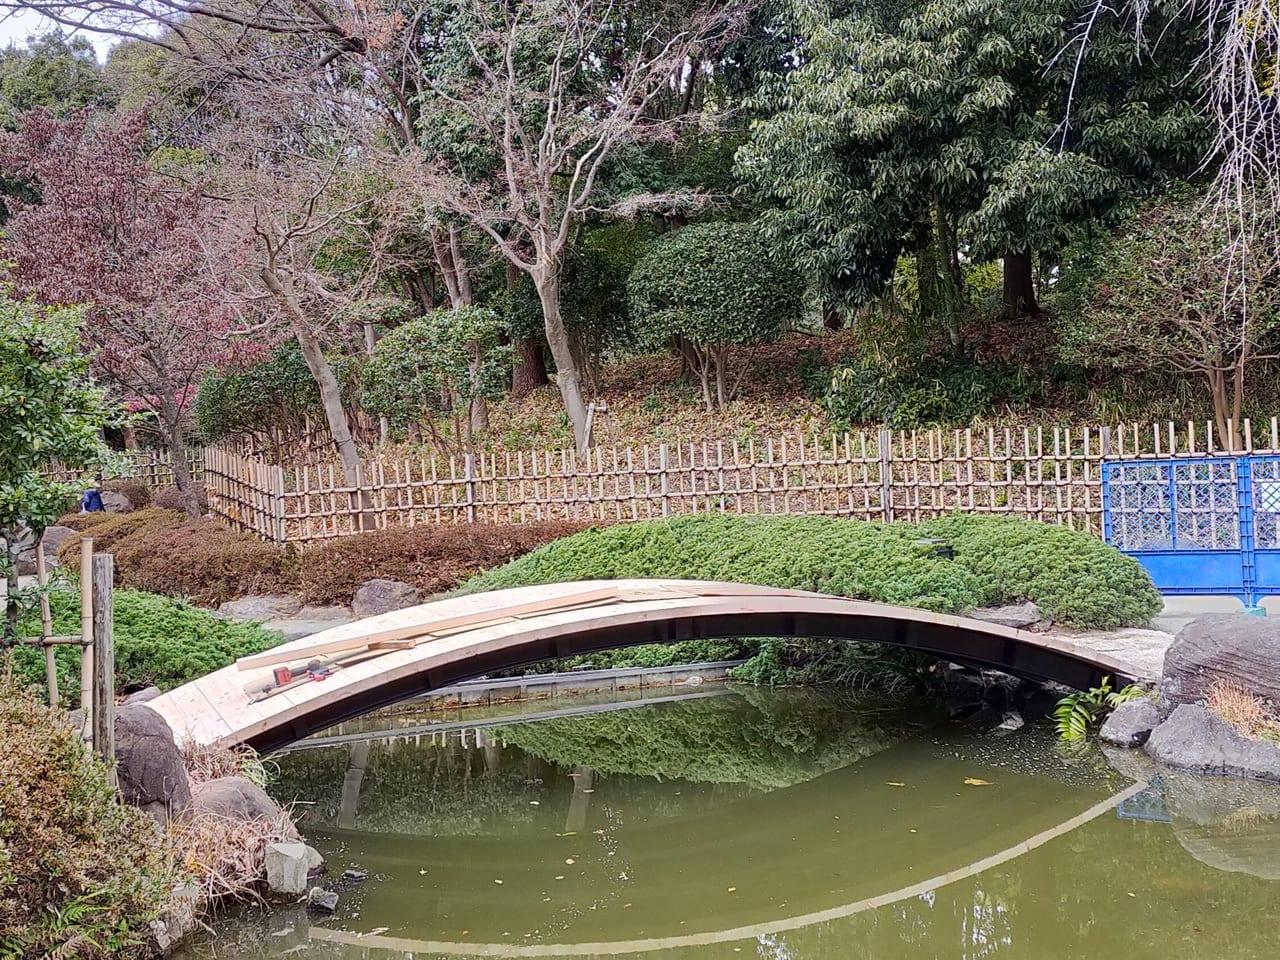 平塚市総合公園内随一のインスタ映えスポット。日本庭園の太鼓橋は工事中です。